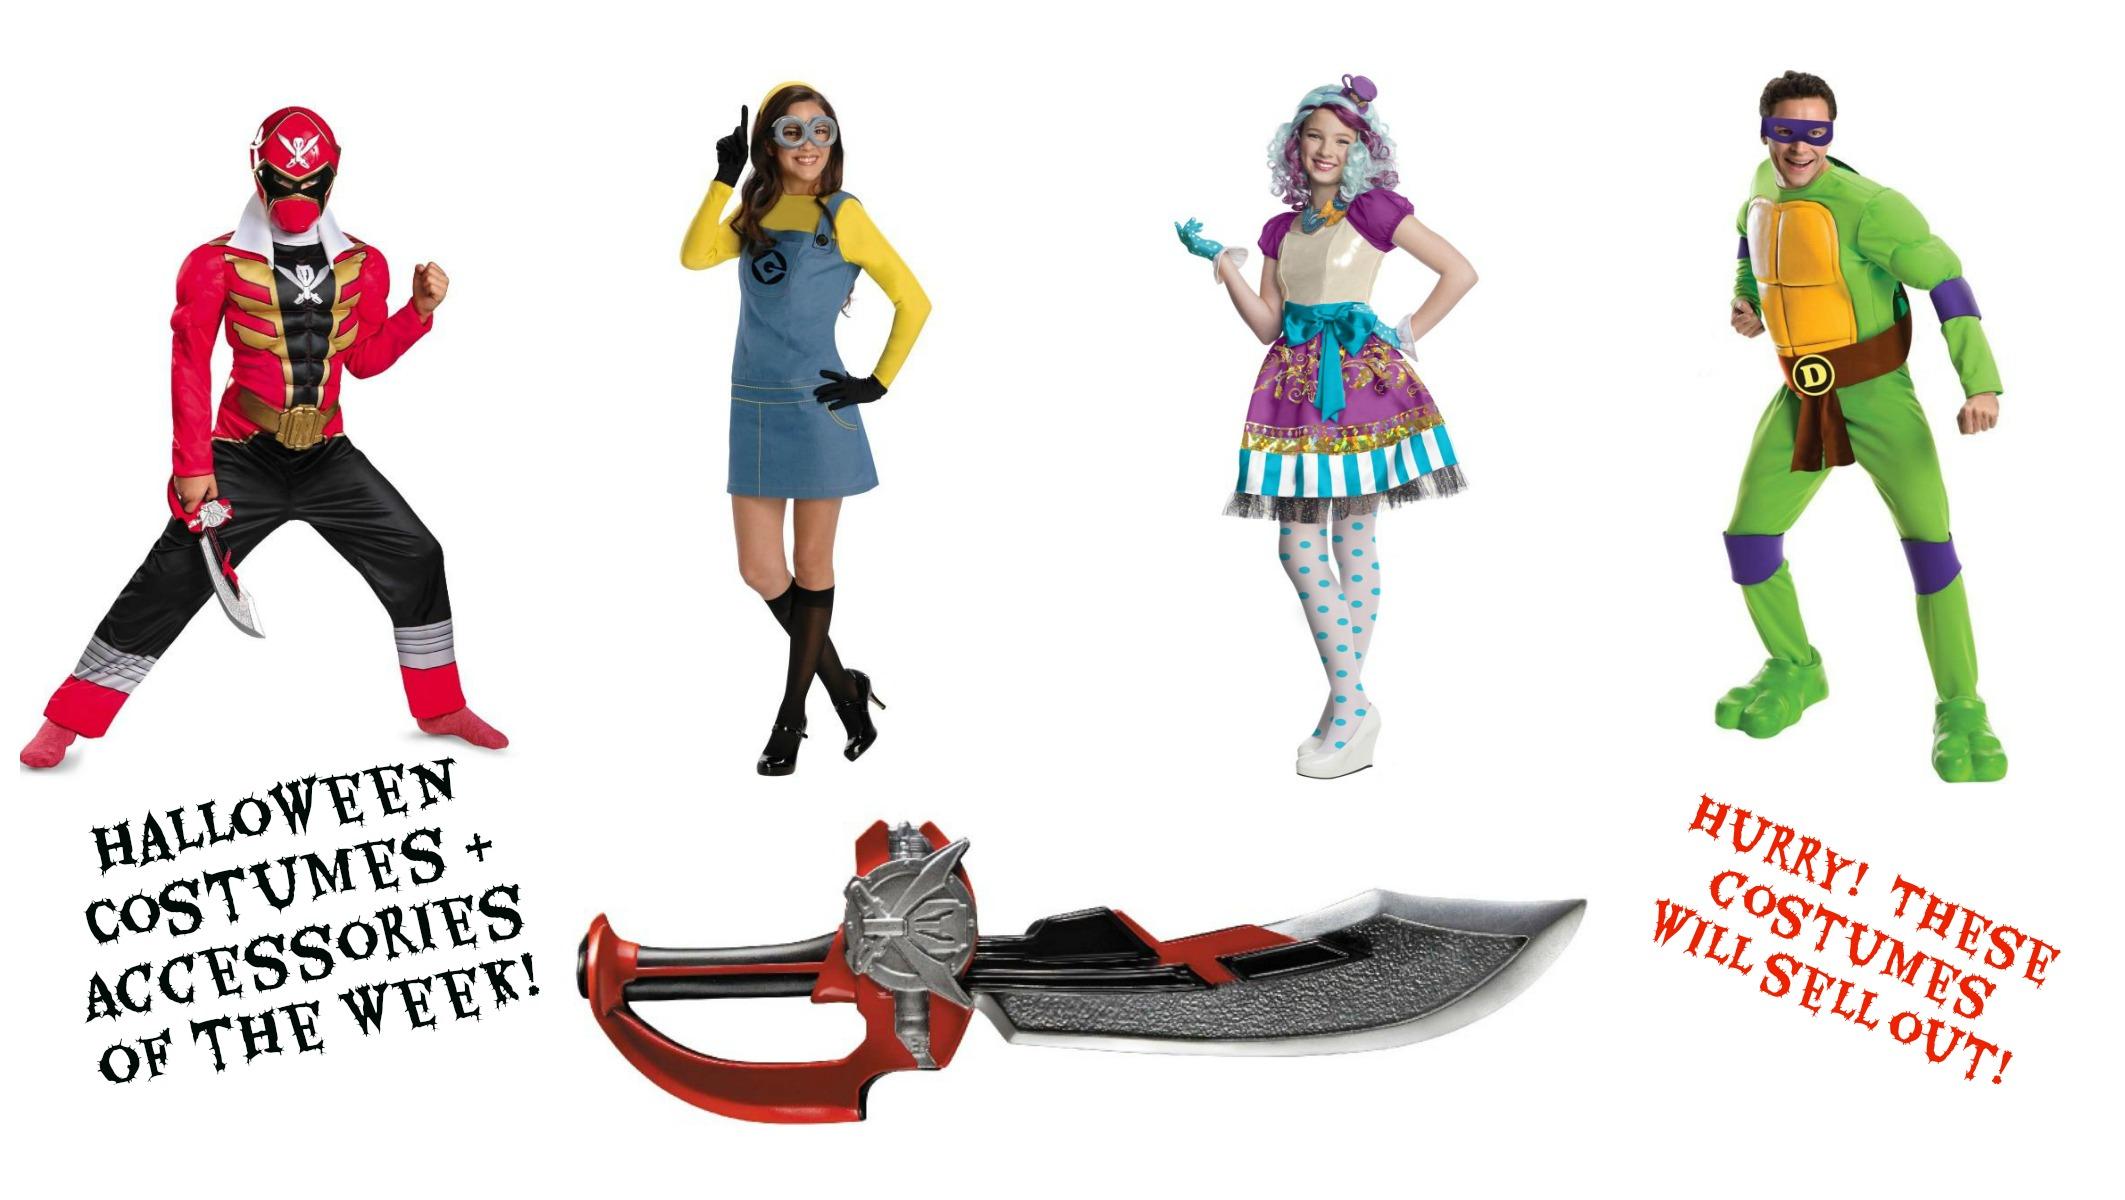 Trending Halloween Costumes & Accessories